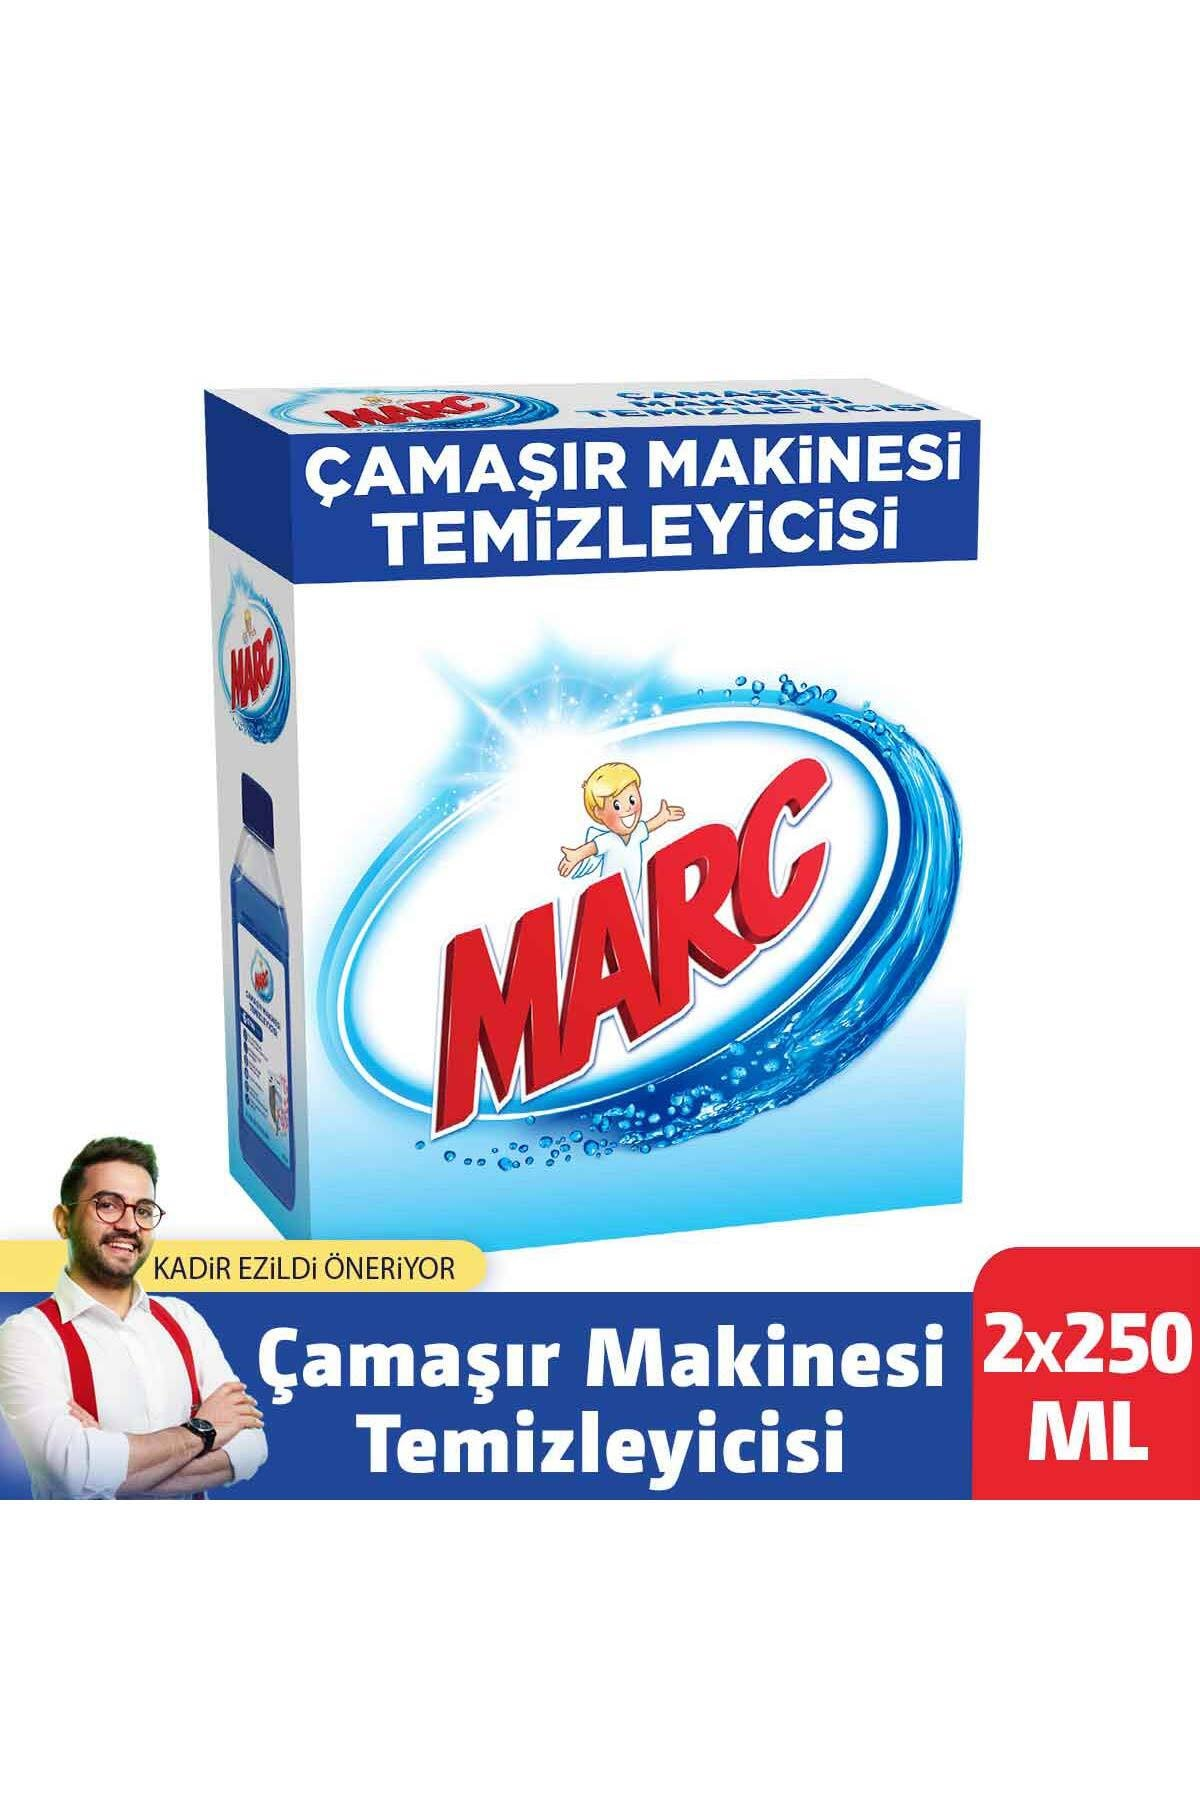 Marc Çamaşır Makinesi Temizleyici 2x250 Ml 3084303 1